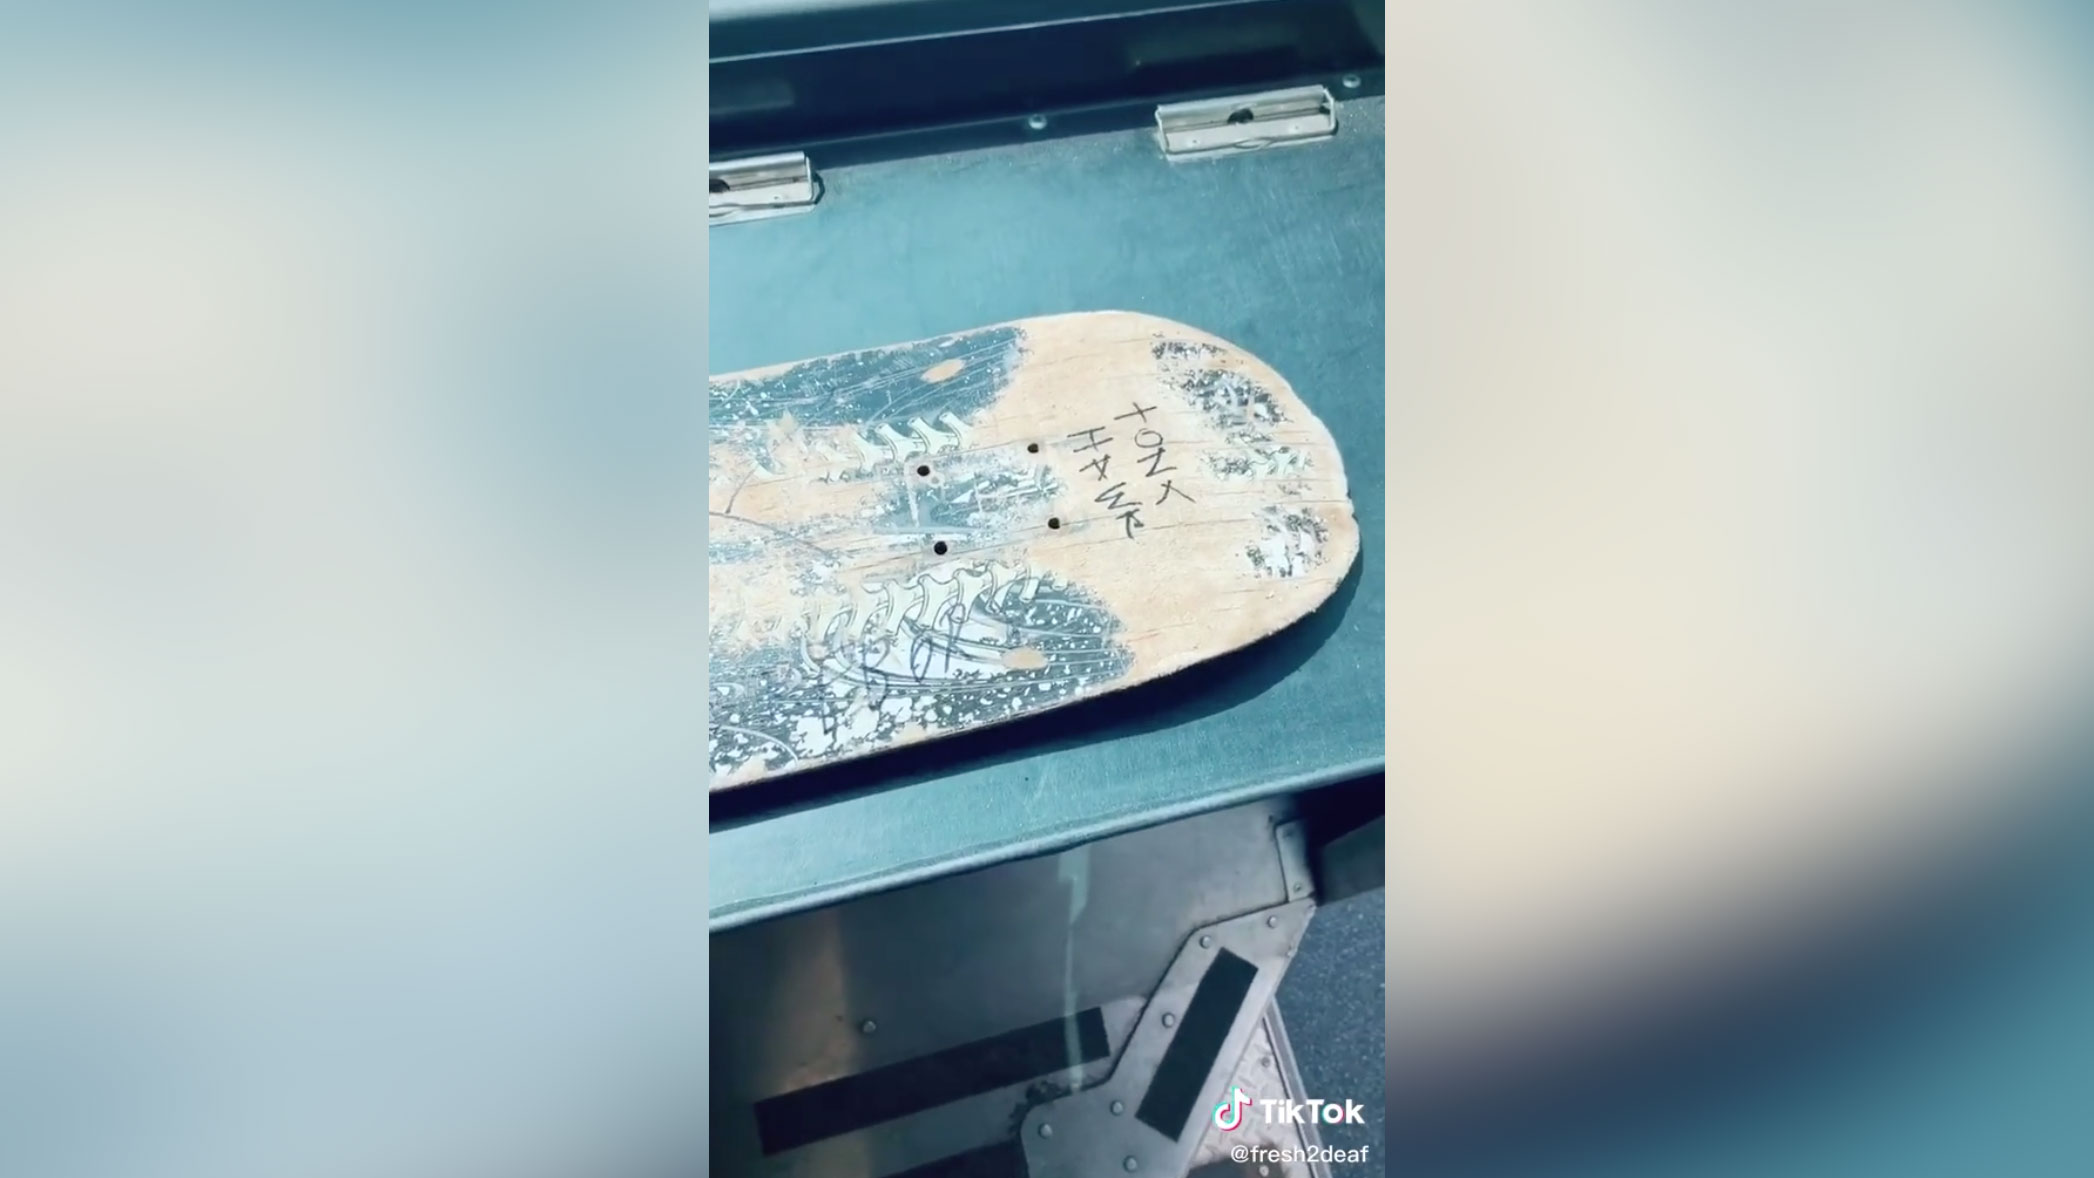 Picture of skateboard with Tony Hawk written on it